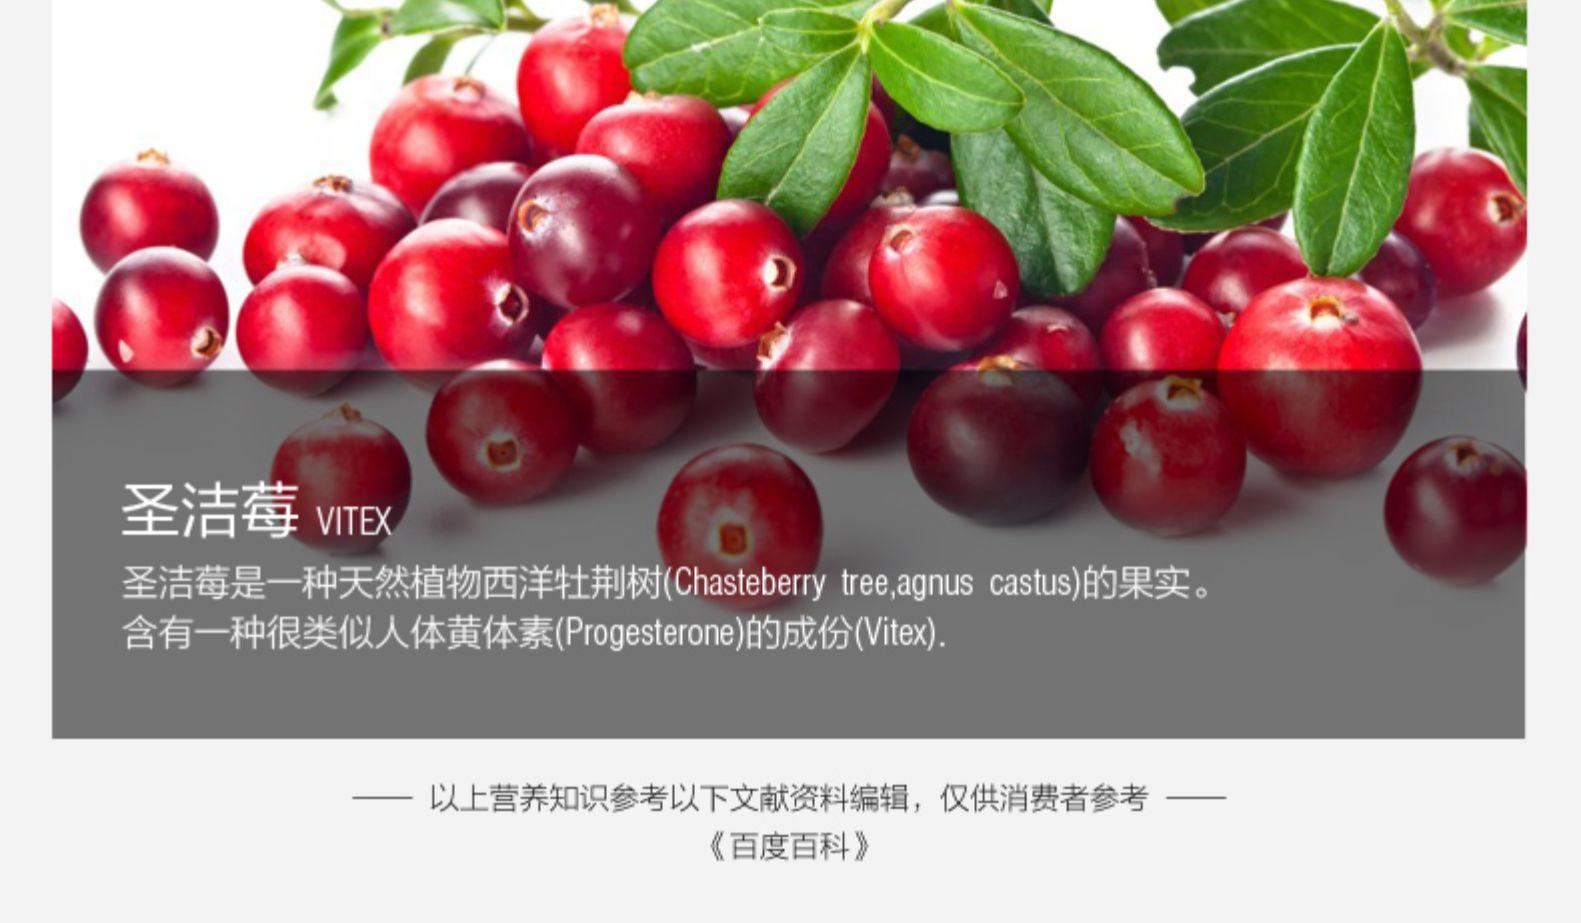 澳洲进口 Swisse 高浓度圣洁莓片1500mg 60片缓解女性痛经不适¥176.00 我们的产品 第7张